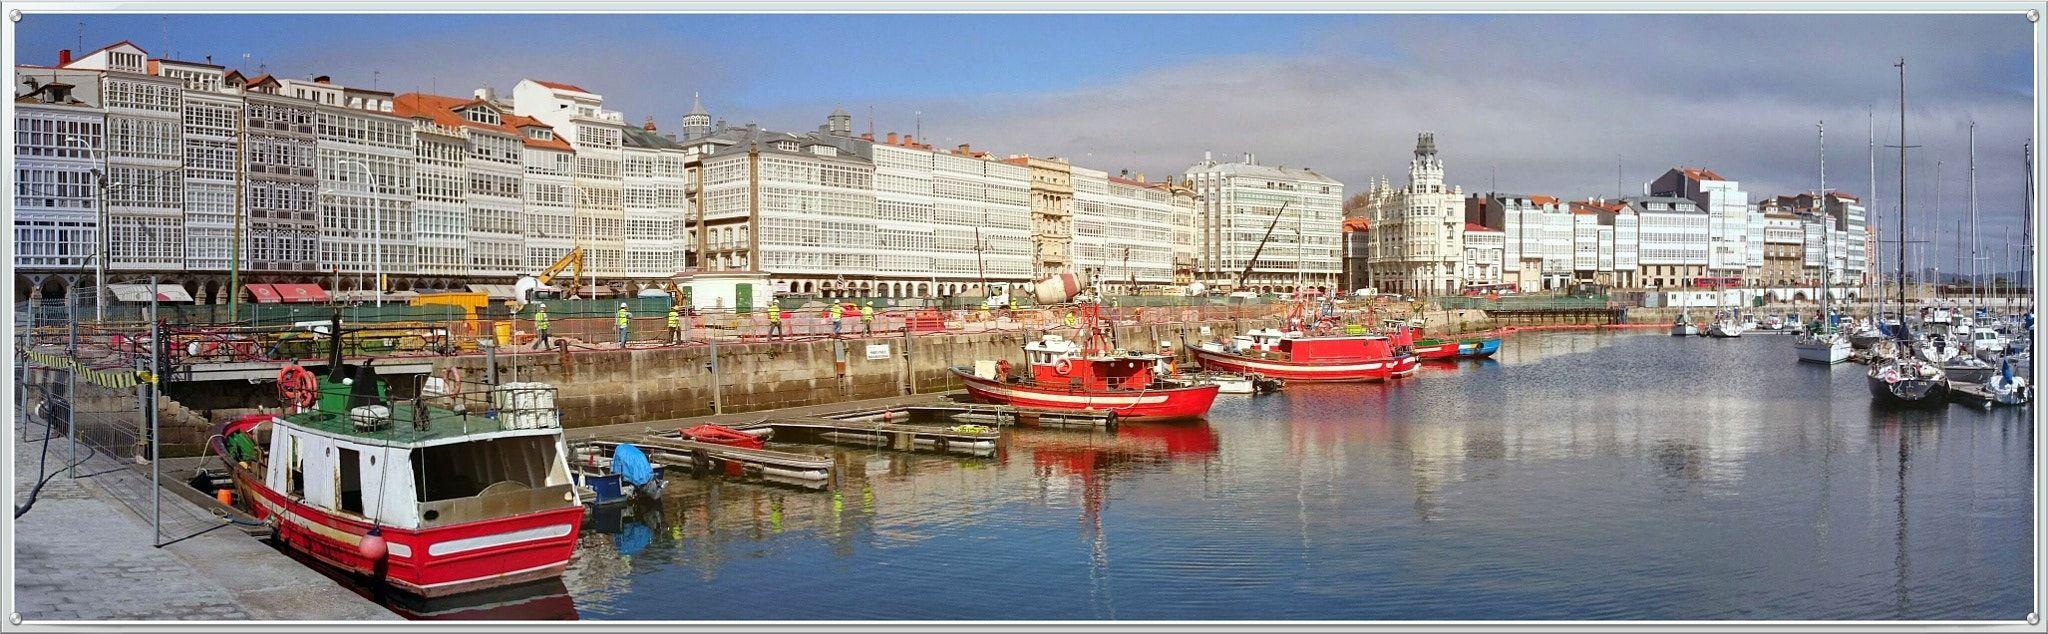 Corunha - Coruña (Spain)